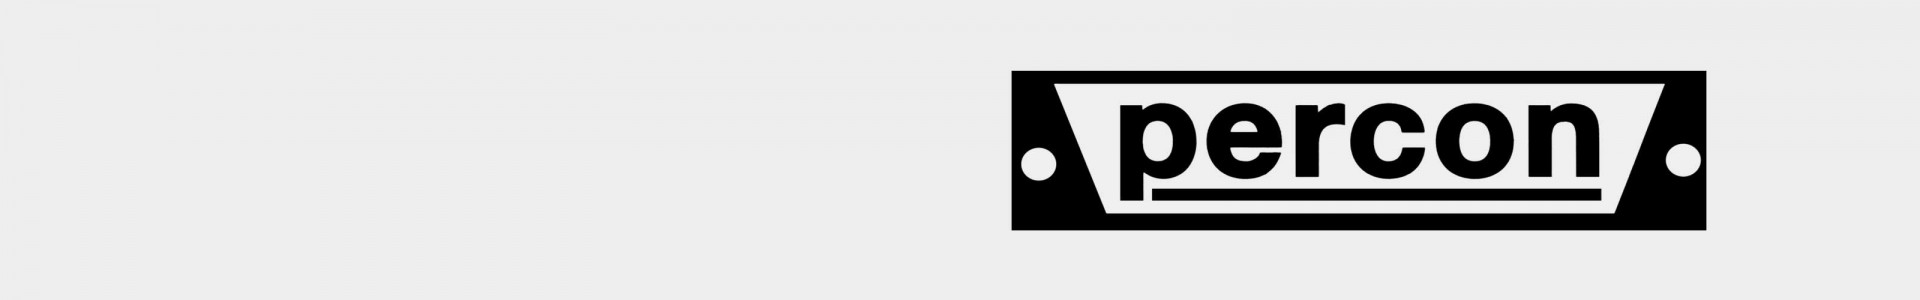 Cavi Microfonici Percon - Qualità audio professionale - Avacab